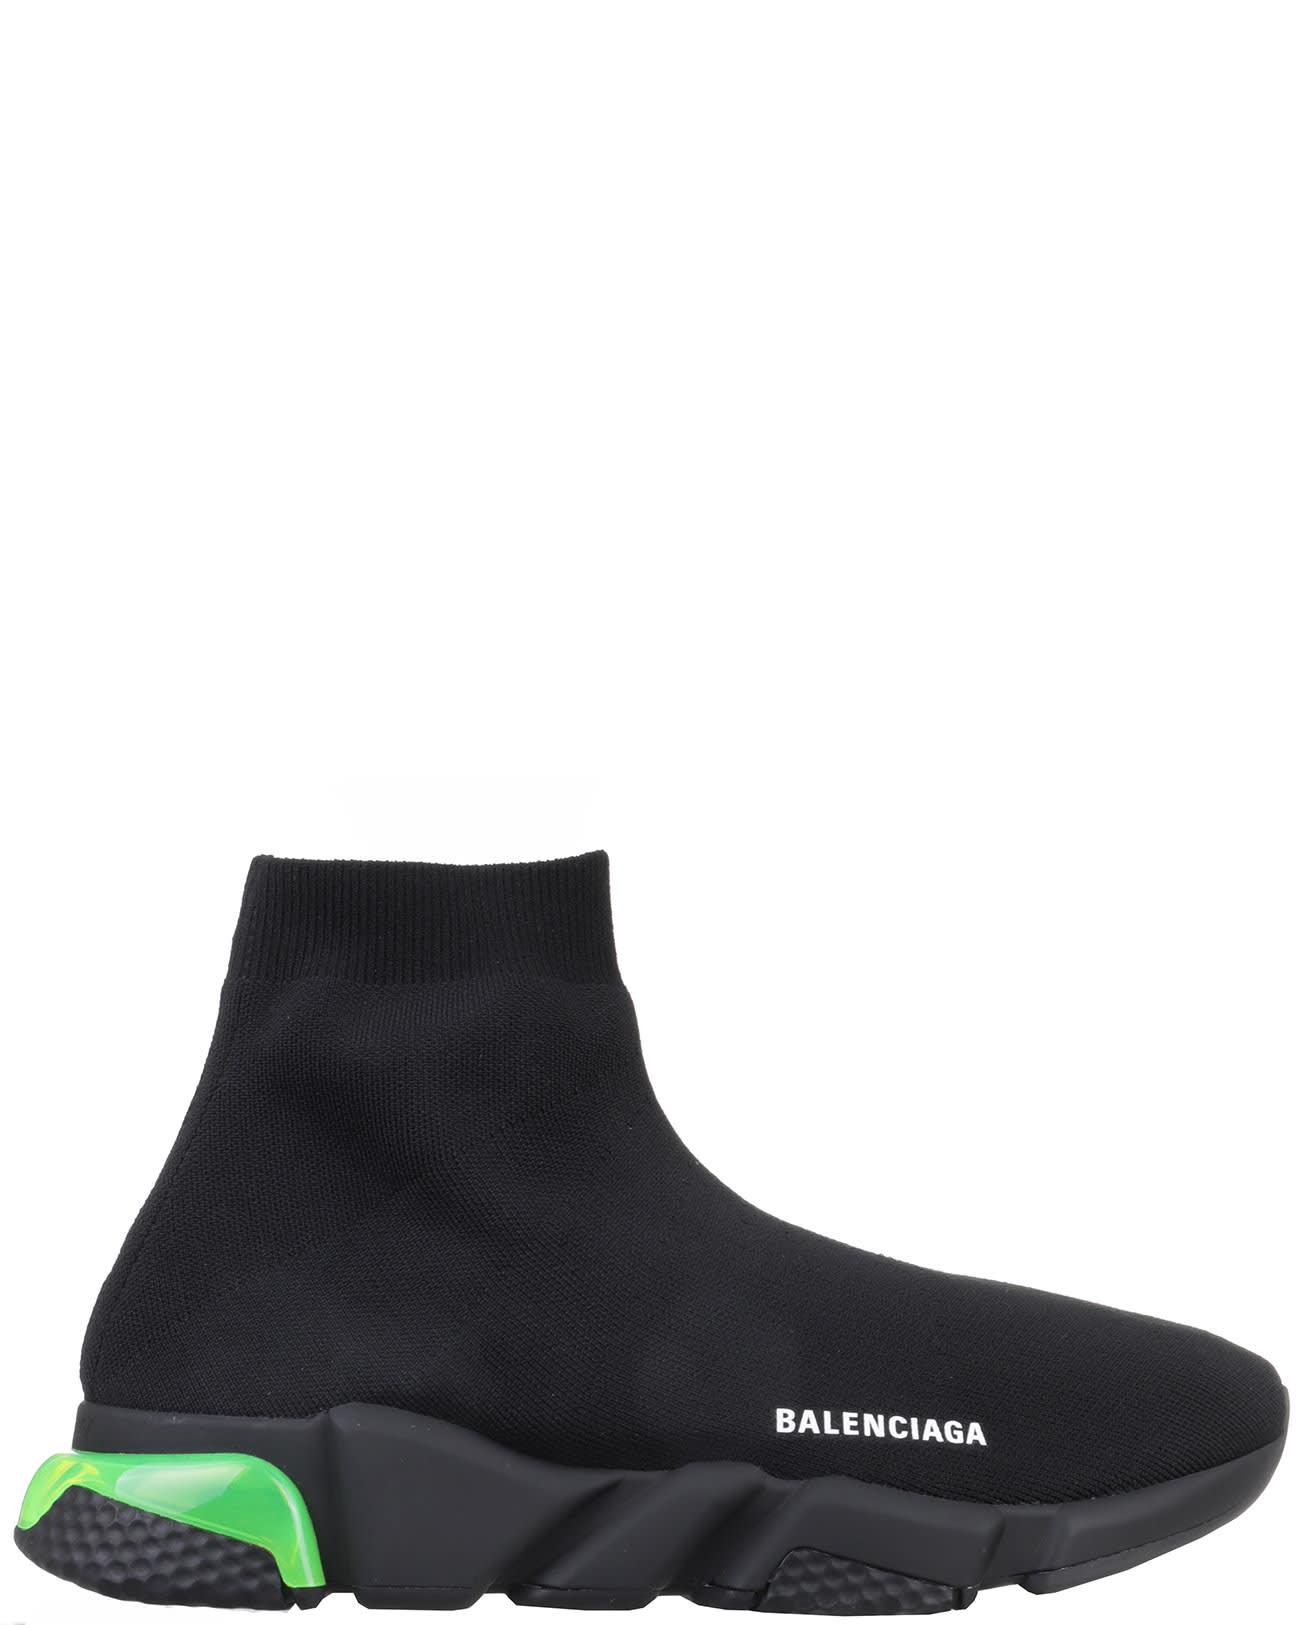 Balenciaga BLACK SPEED LT CLEAR